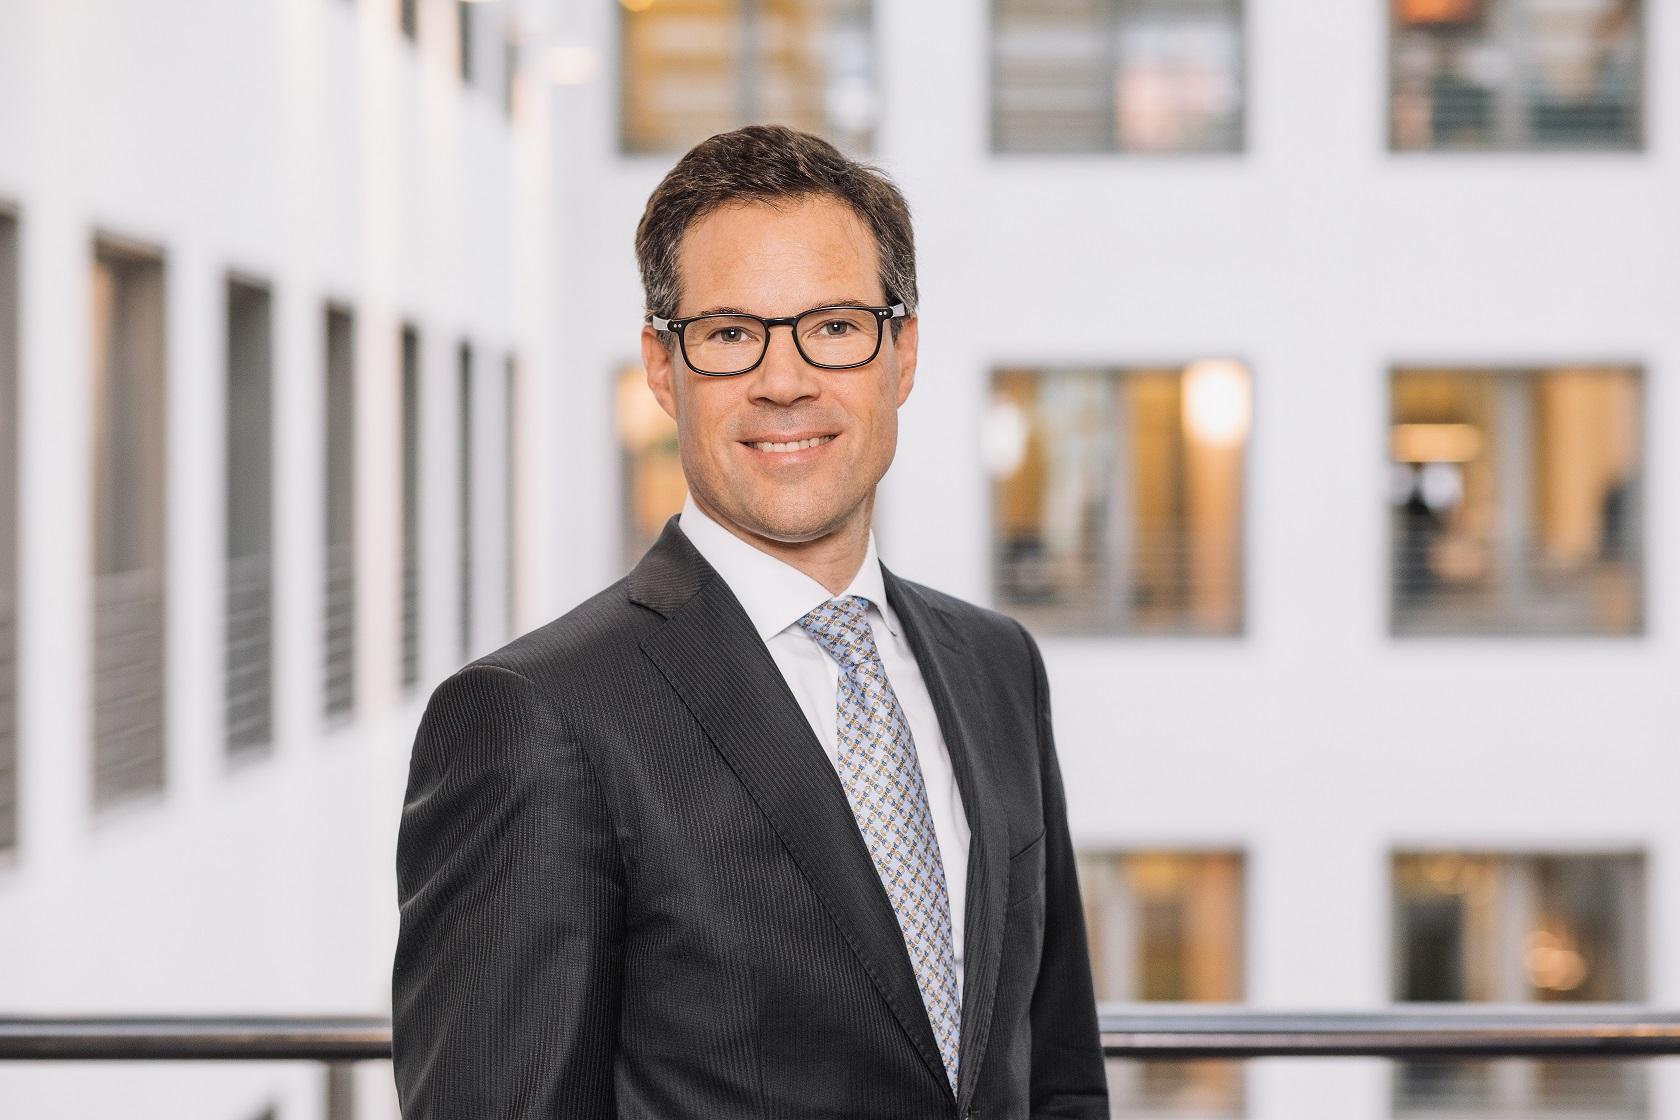 Health-Care-Experte Marcus Ehrhardt verstärkt BCG als neuer Partner